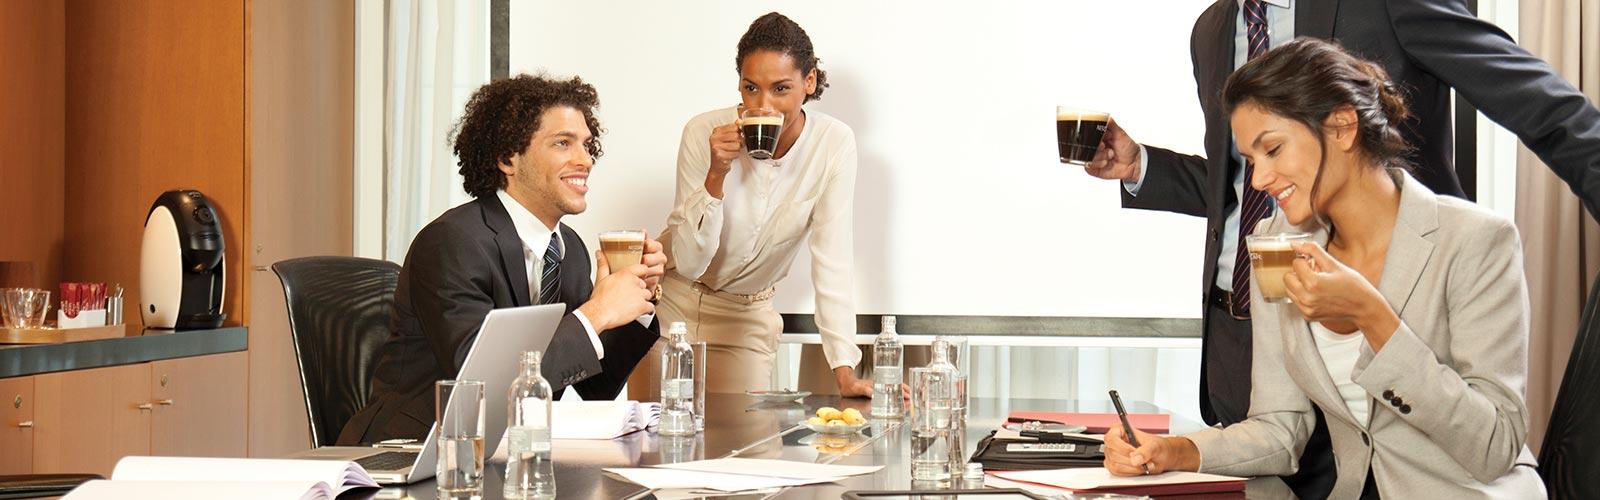 Make Meetings Memorable